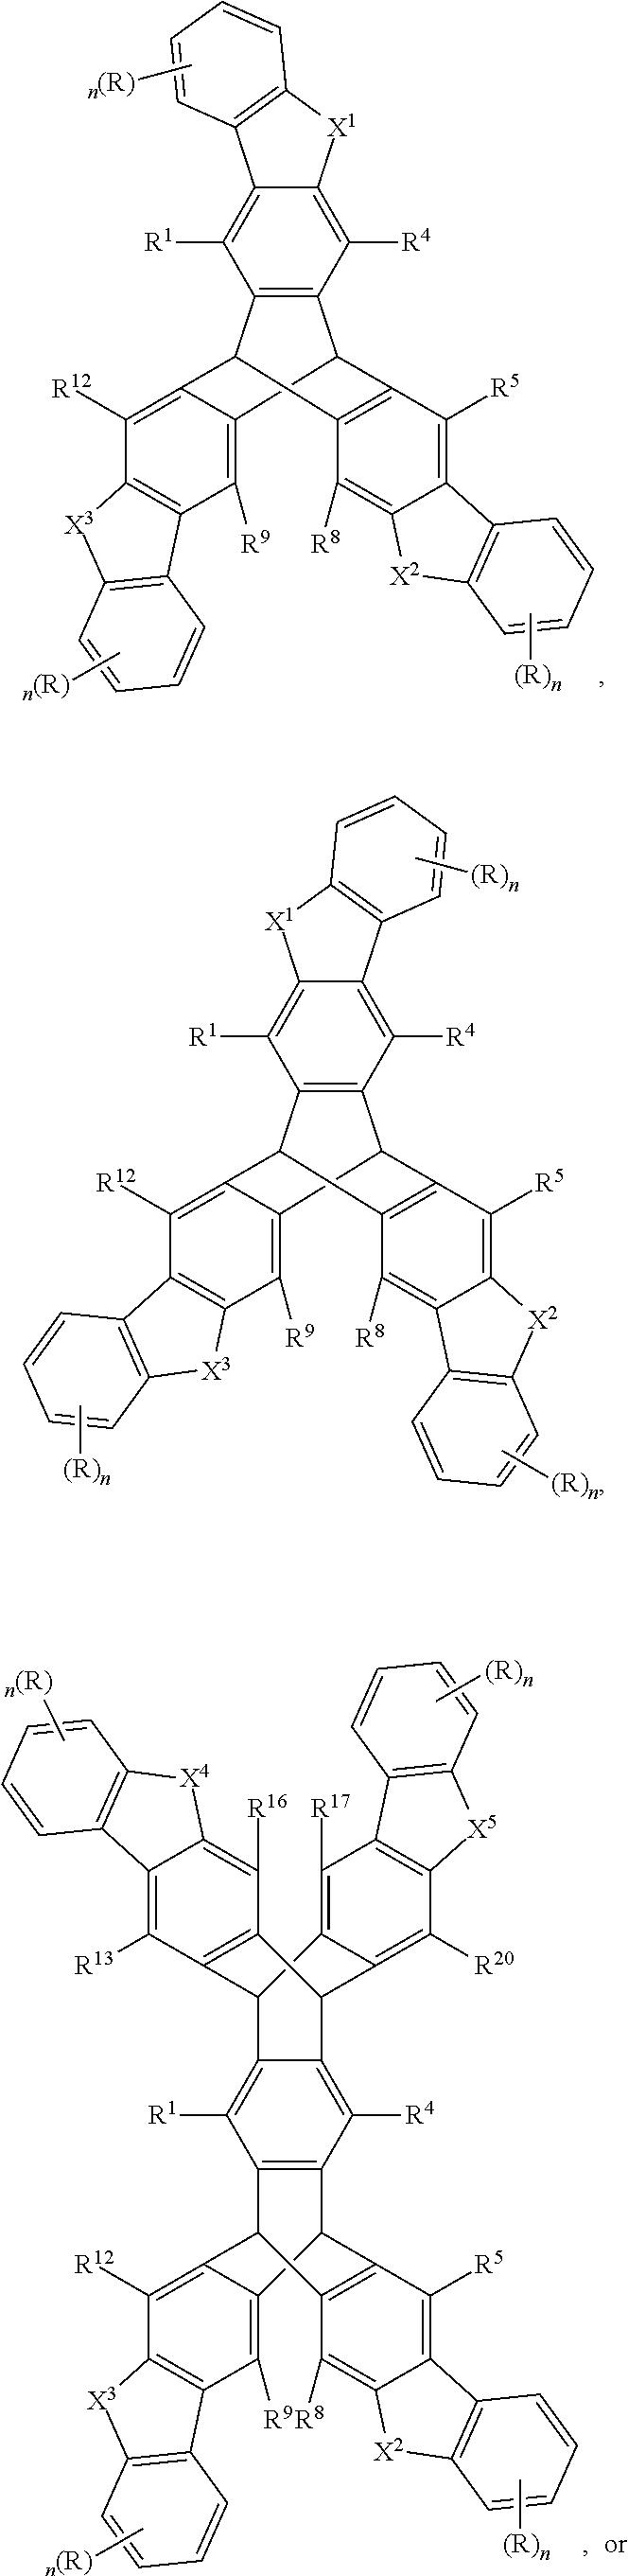 Figure US09595682-20170314-C00002